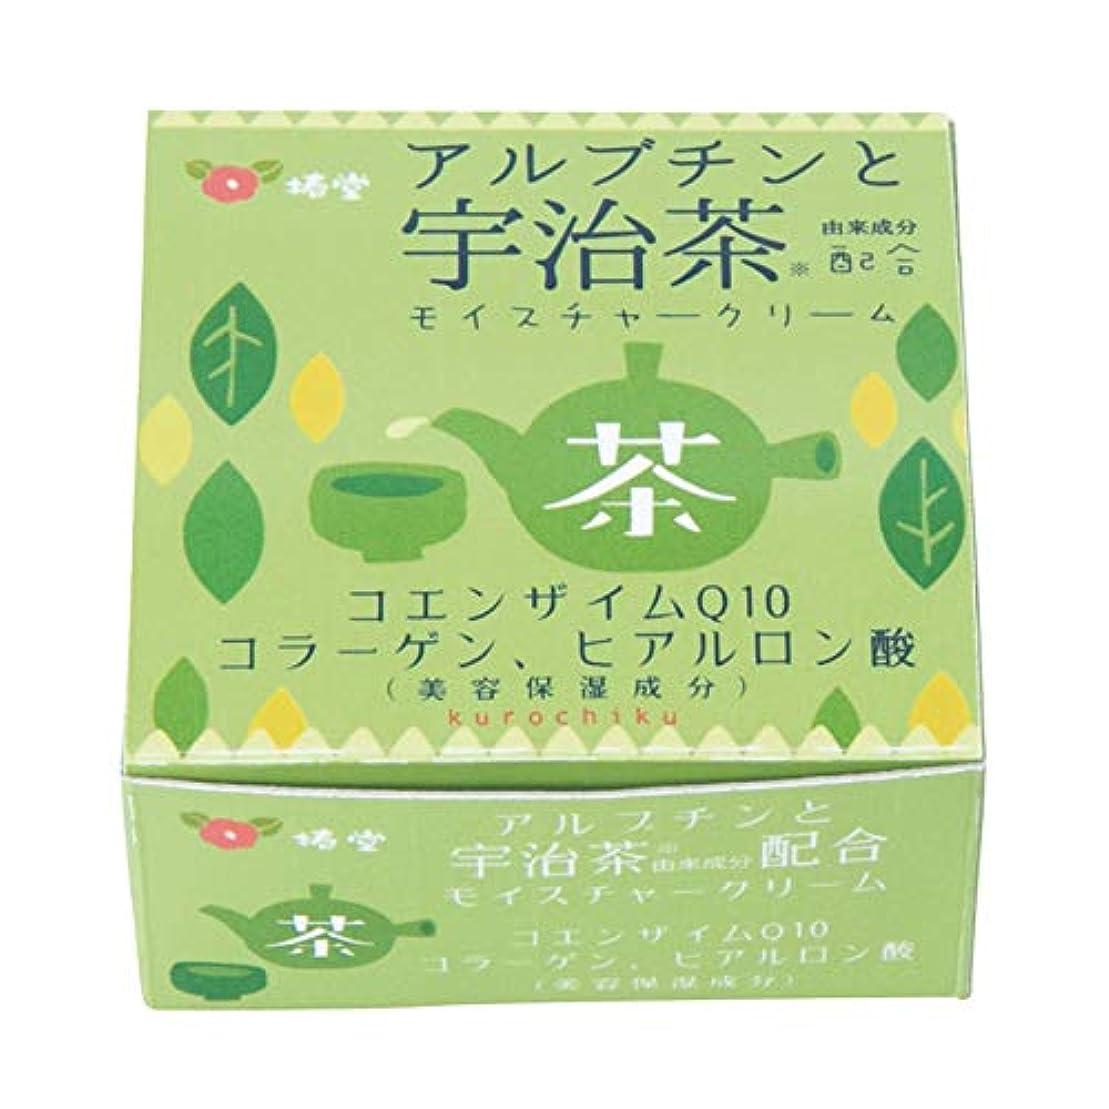 王子文明化する解釈椿堂 宇治茶モイスチャークリーム (アルブチンと宇治茶) 京都くろちく